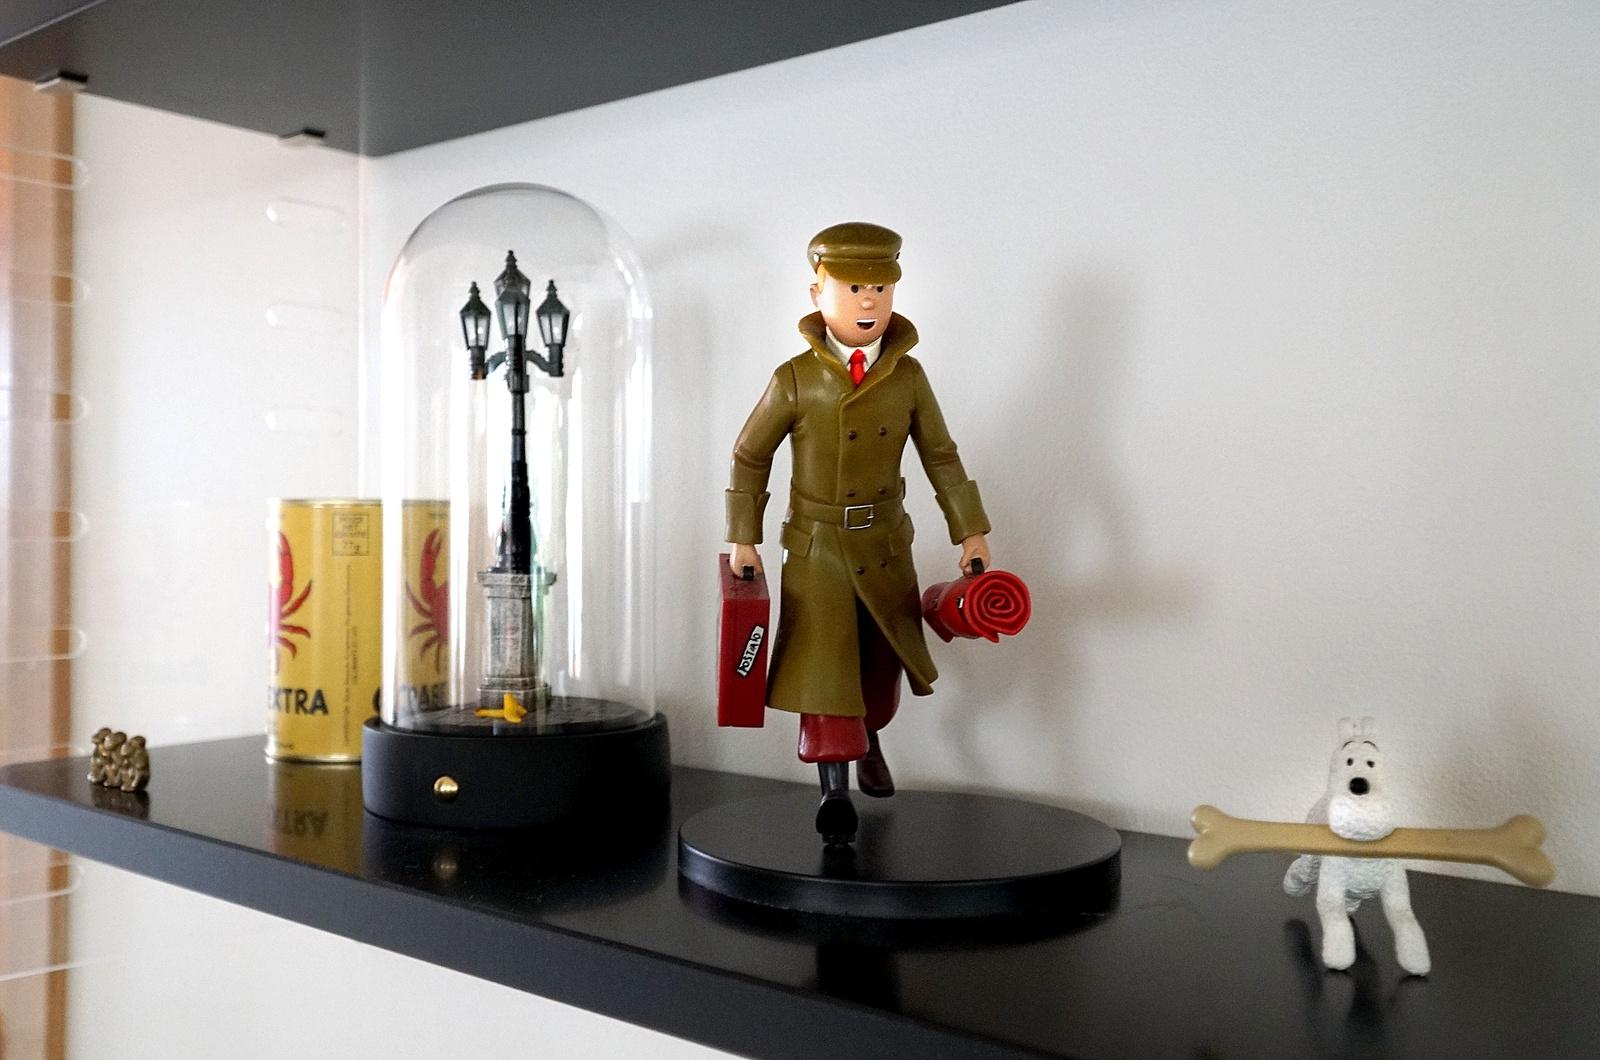 Det finns gott om lekfulla inslag i hemmet. Tintin är en favorit som dyker upp här och där.